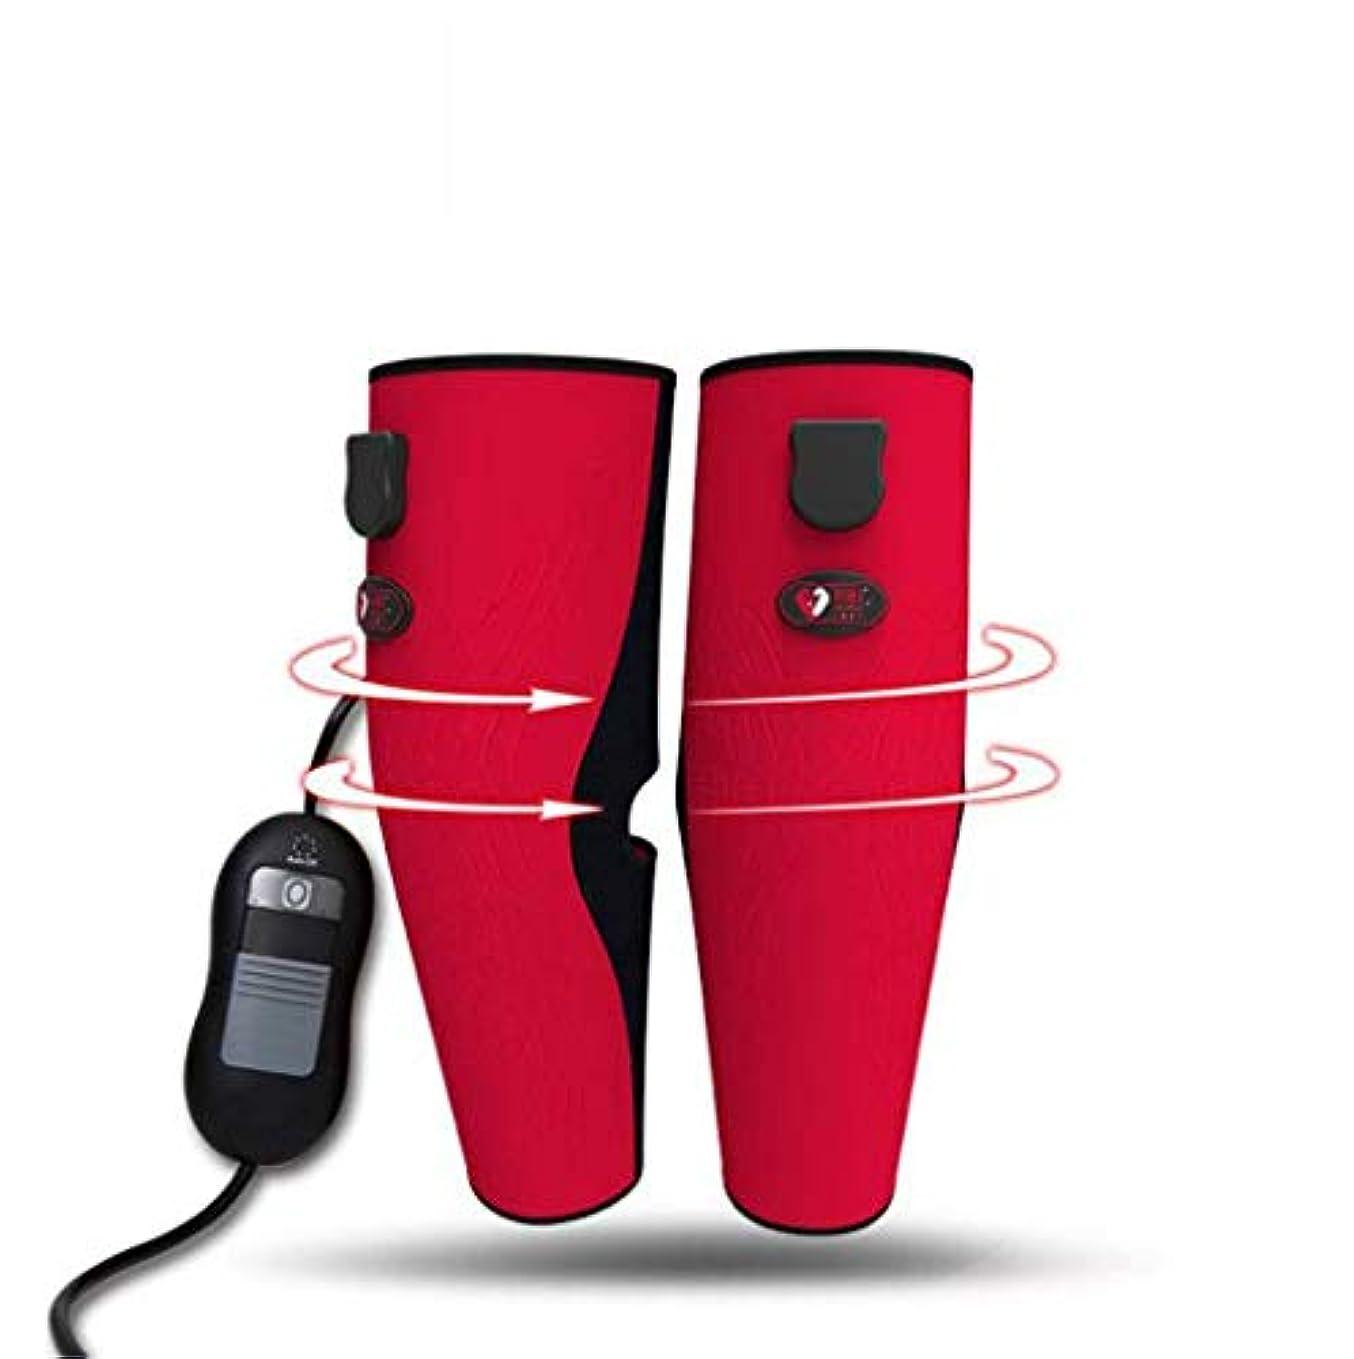 不利益キャリアダッシュ温められた足のマッサージャー、膝と足の痛みを和らげる治療装置、3モード温度制御の痛みを和らげる治療装置